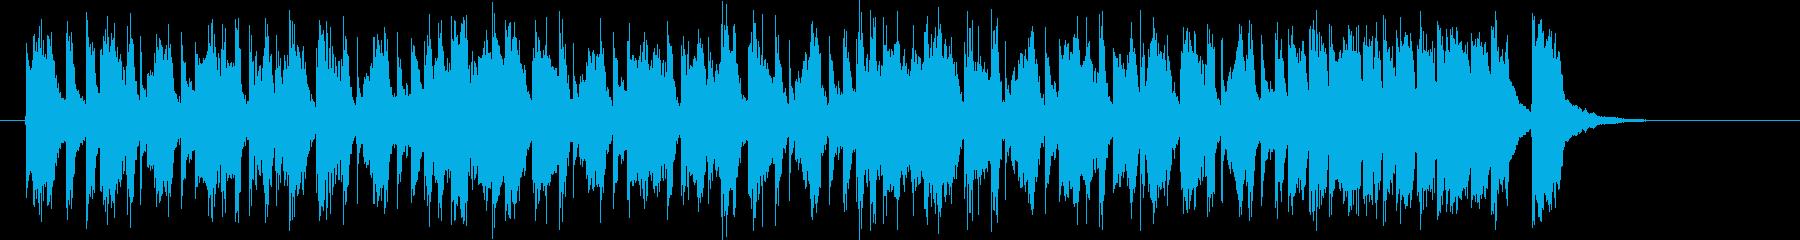 アップテンポで楽しい音楽の再生済みの波形